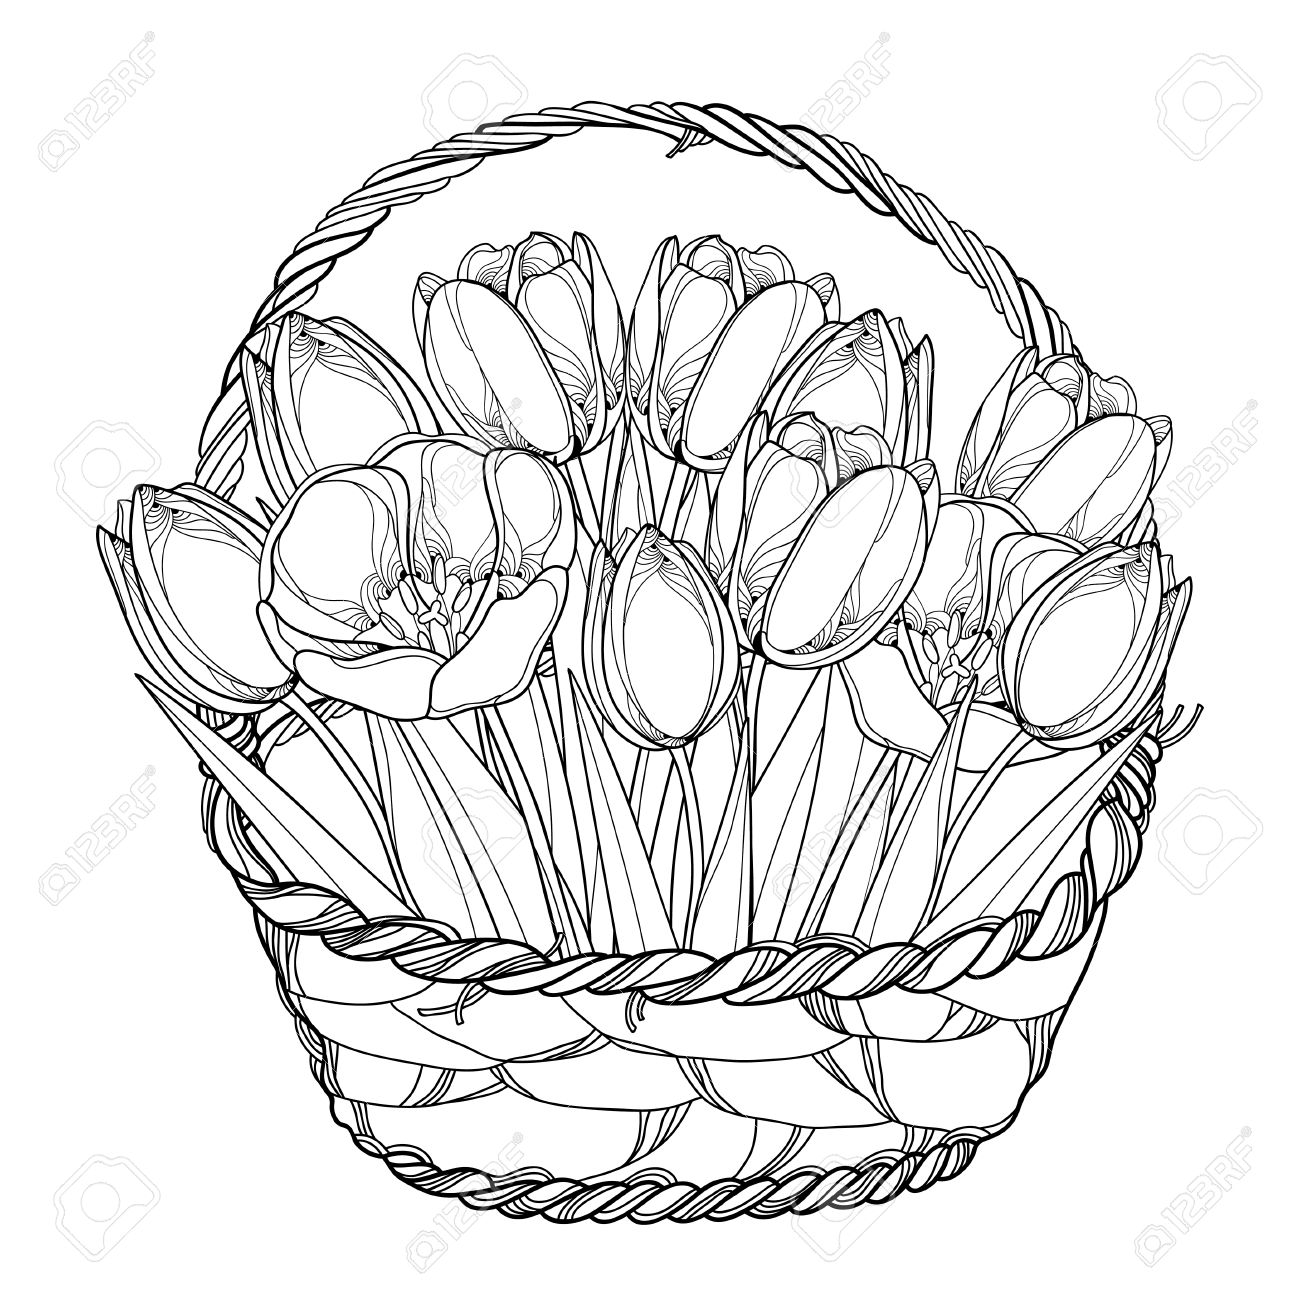 ベクトル アウトライン チューリップ花白で隔離バスケット ブーケ春の